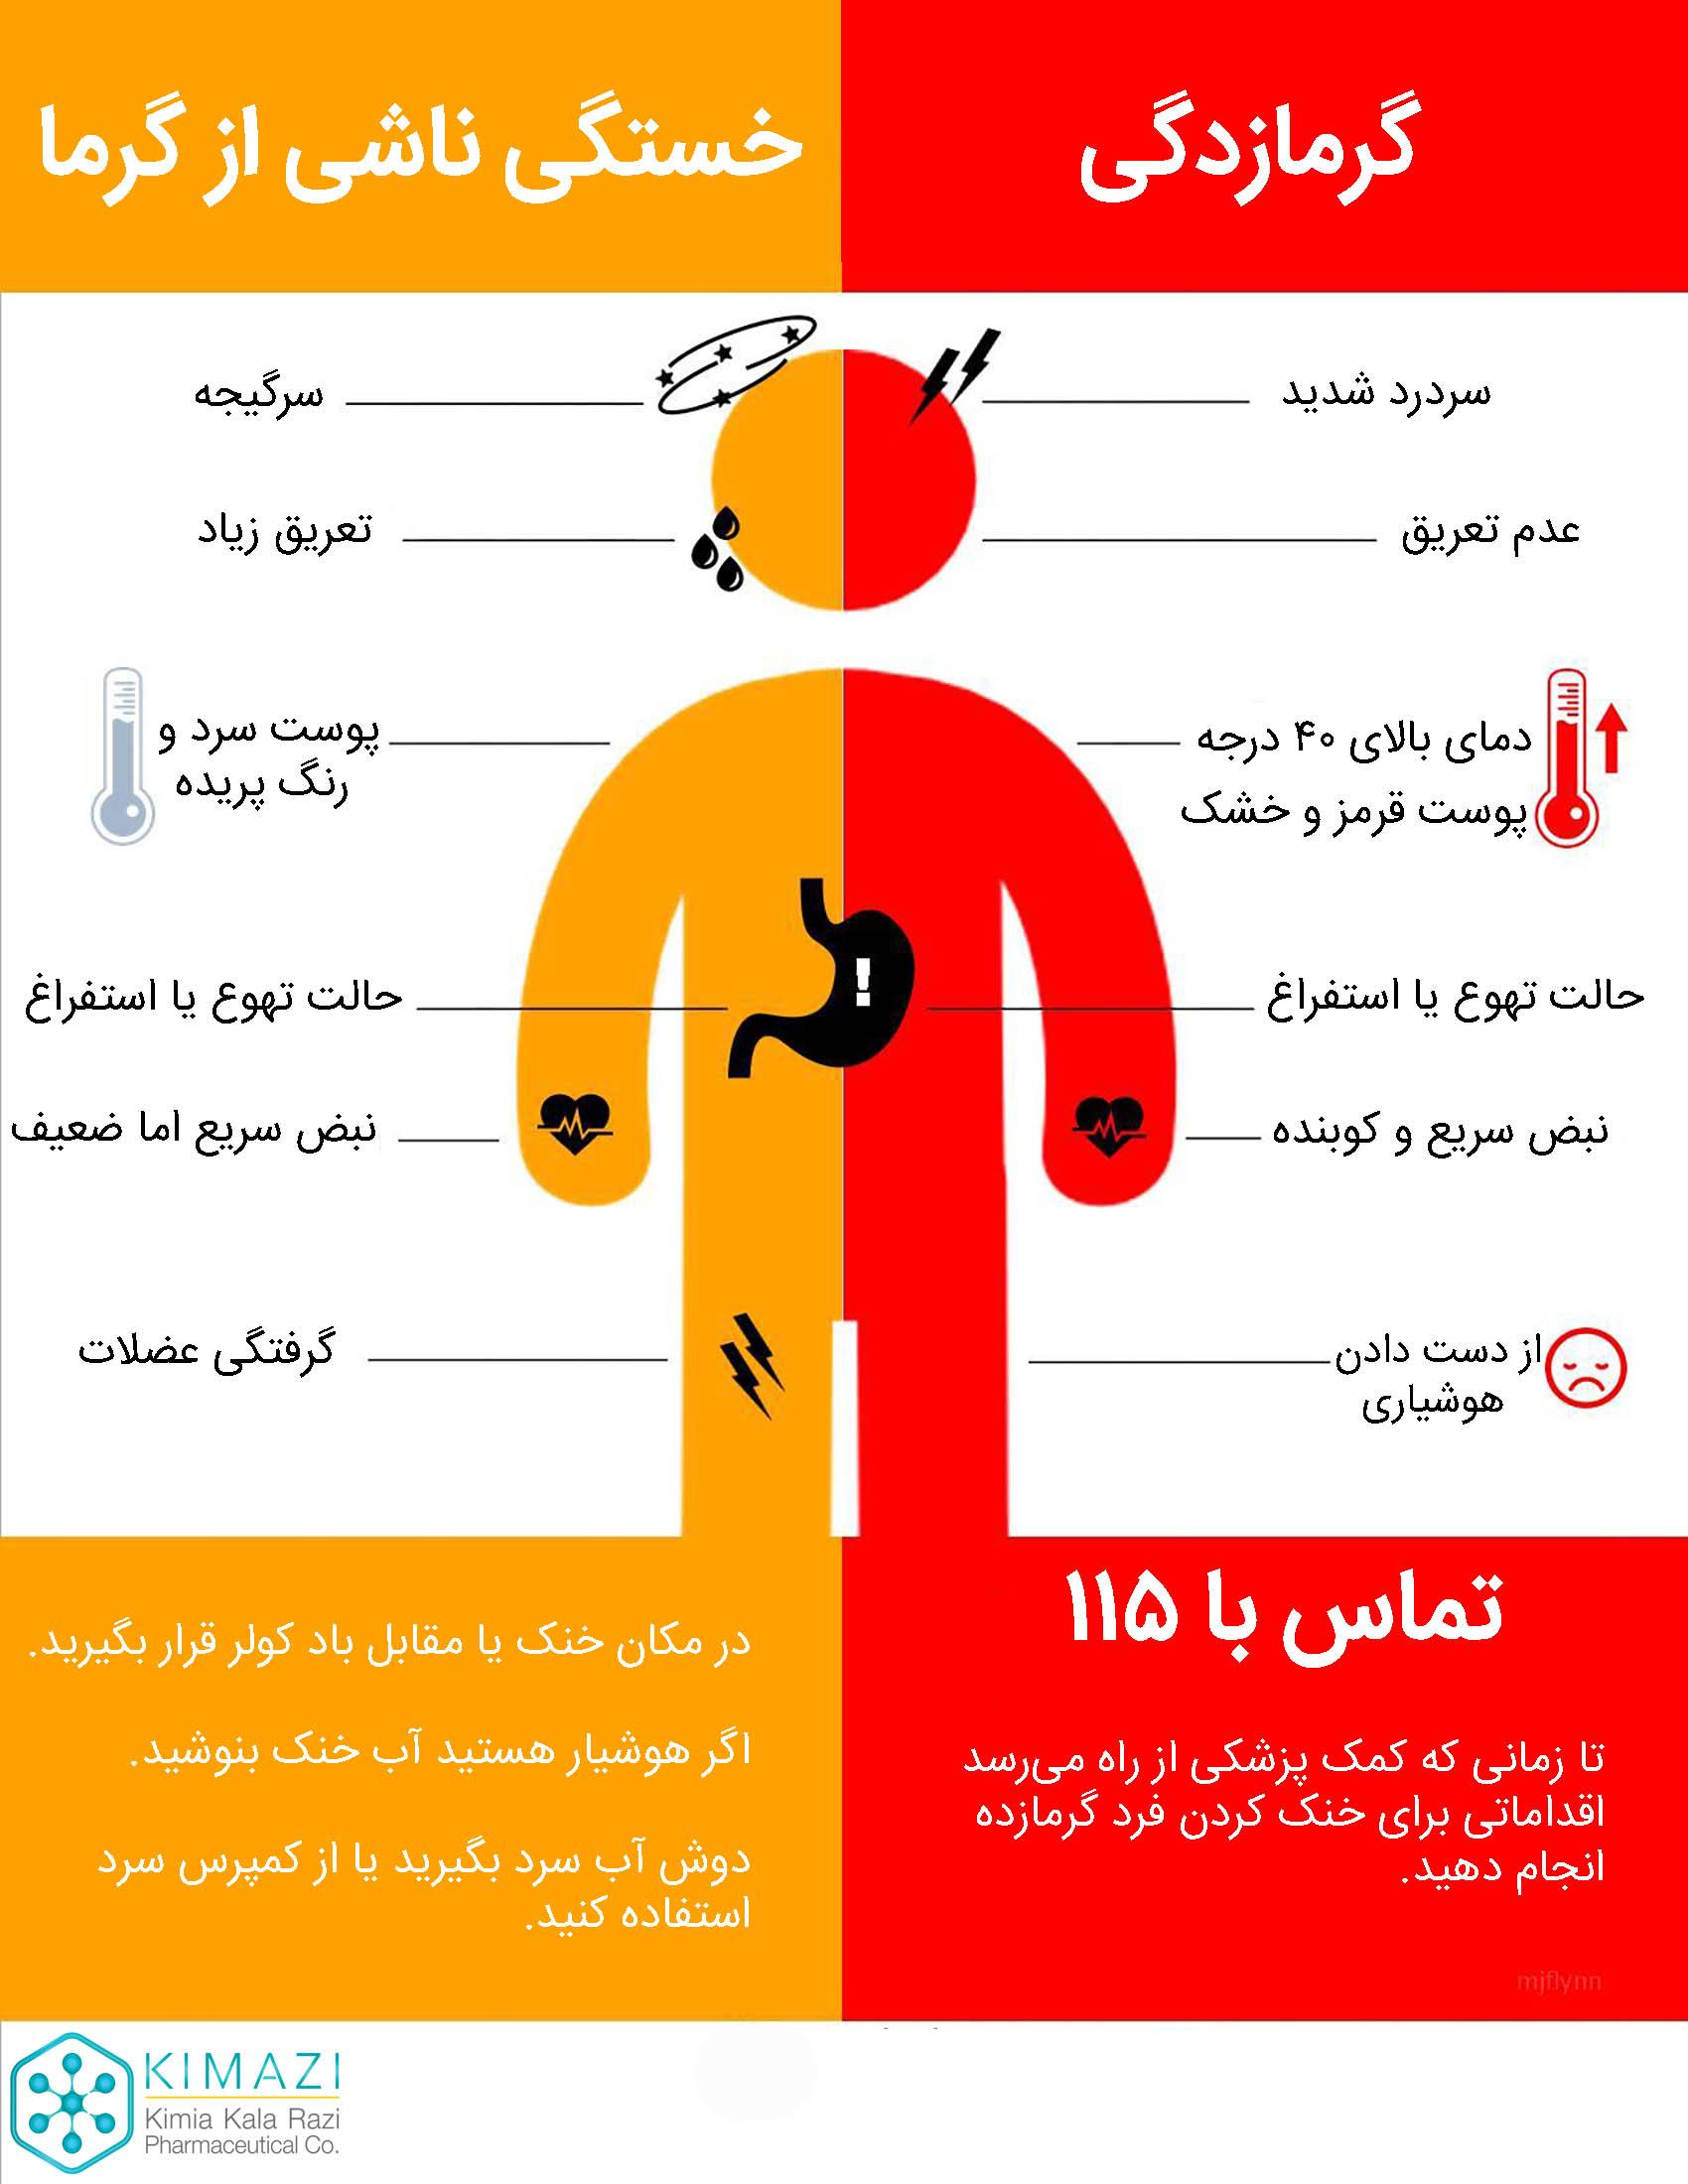 بیماریهای ناشی از گرمازدگی